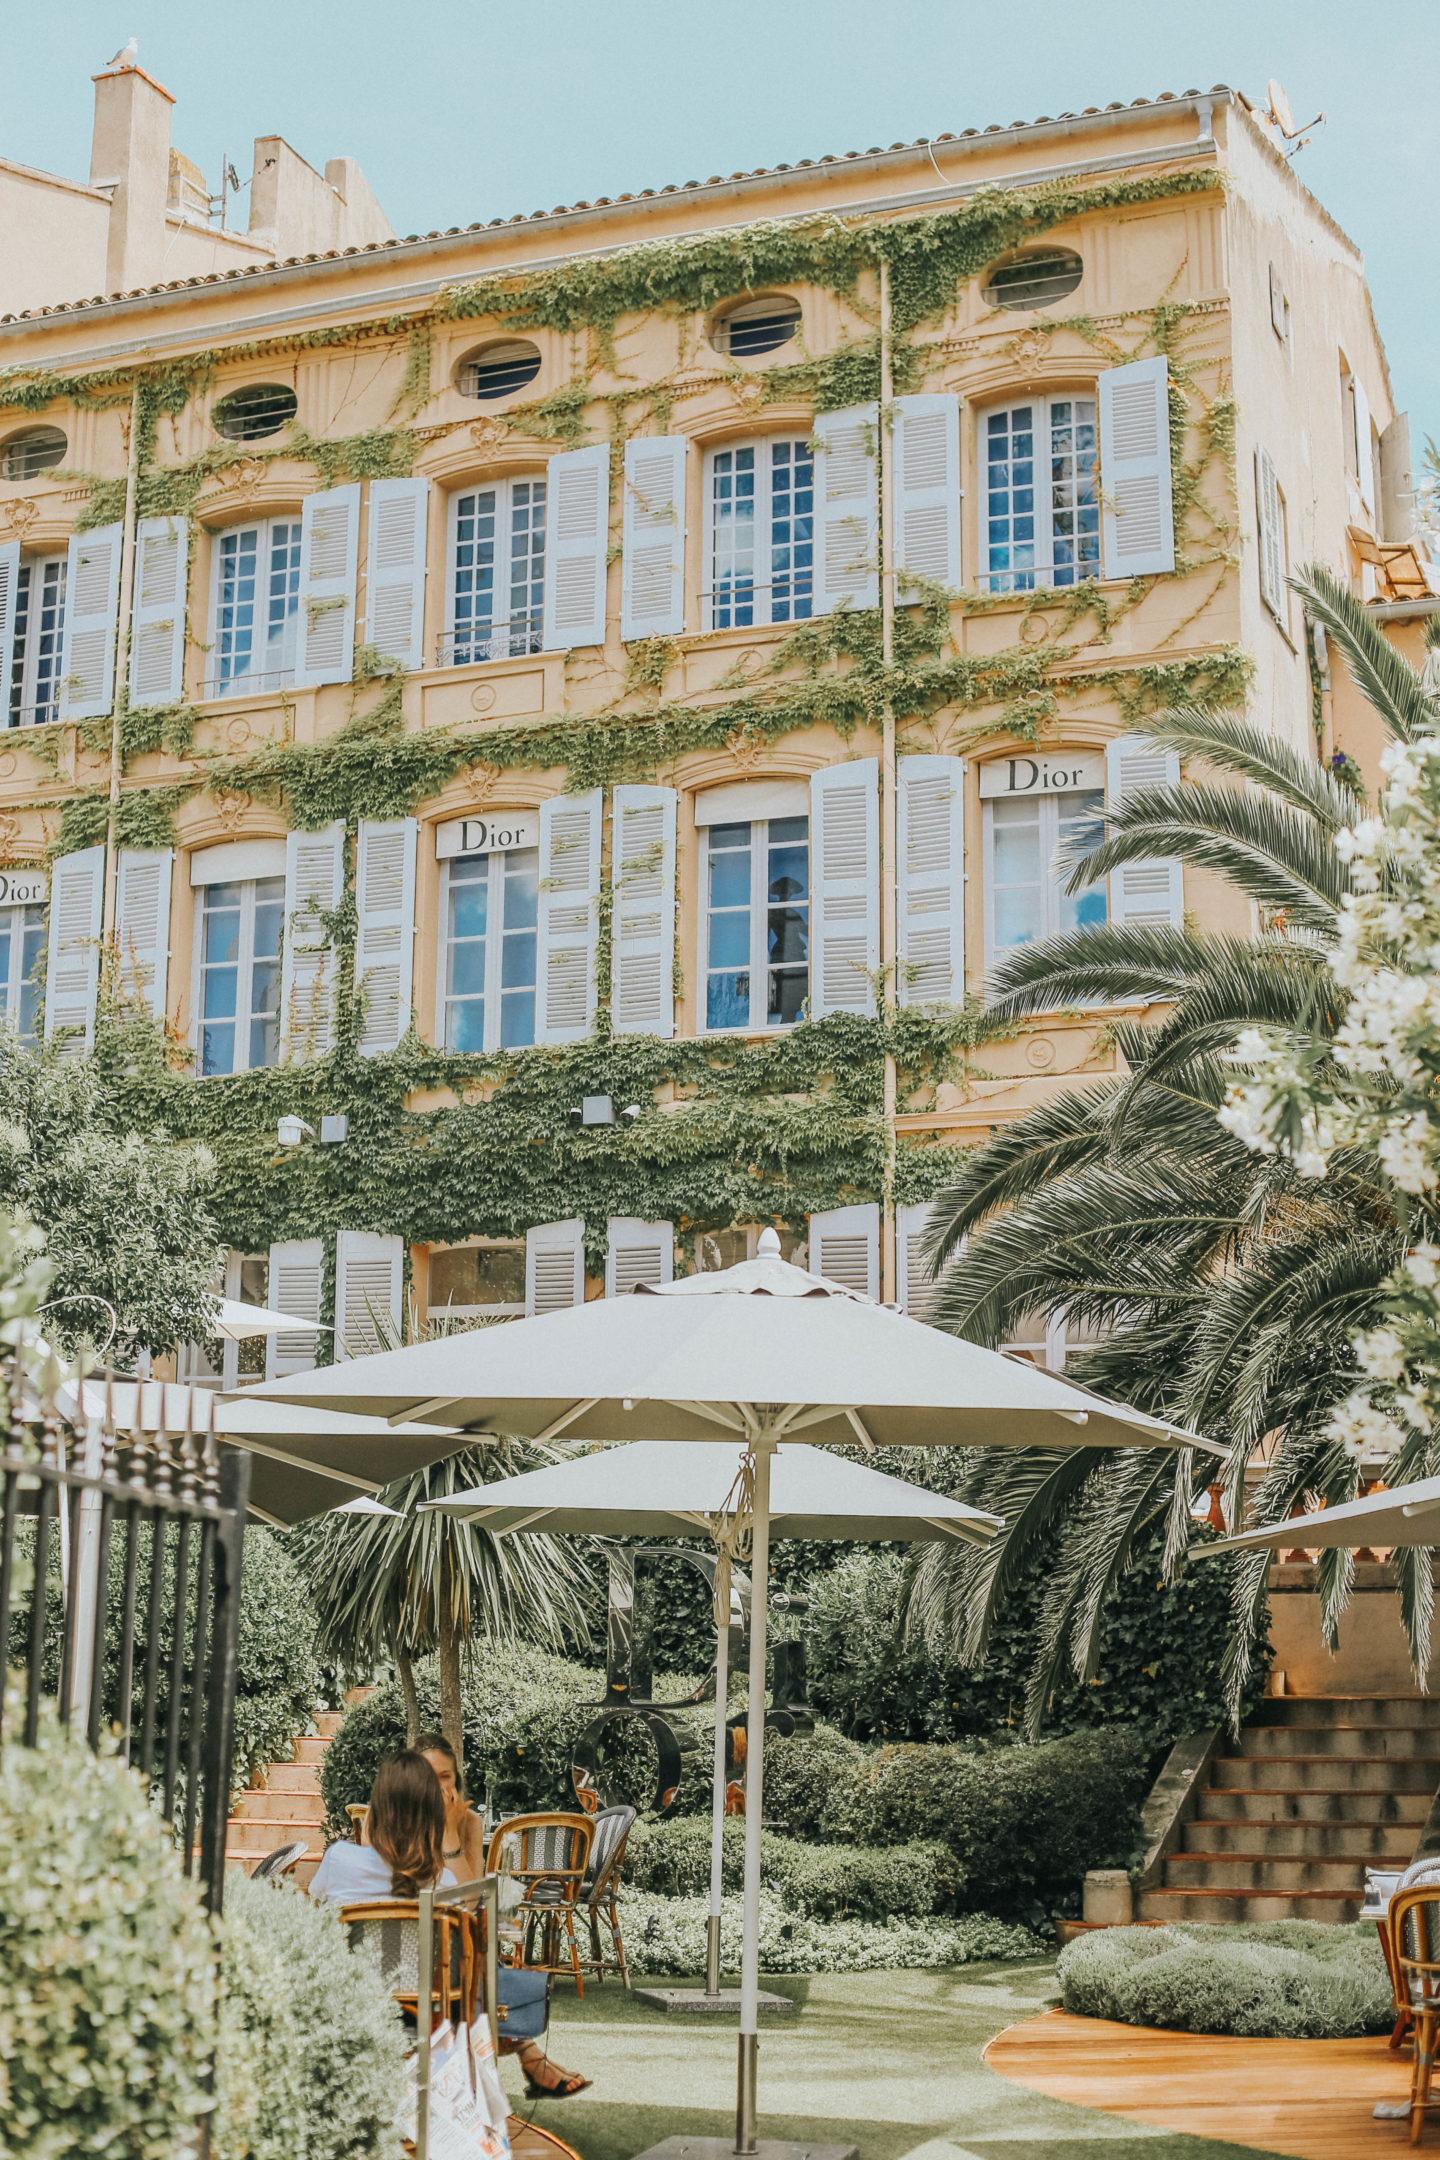 Café Dior Saint-Tropez - Blondie Baby blog mode Paris et voyages